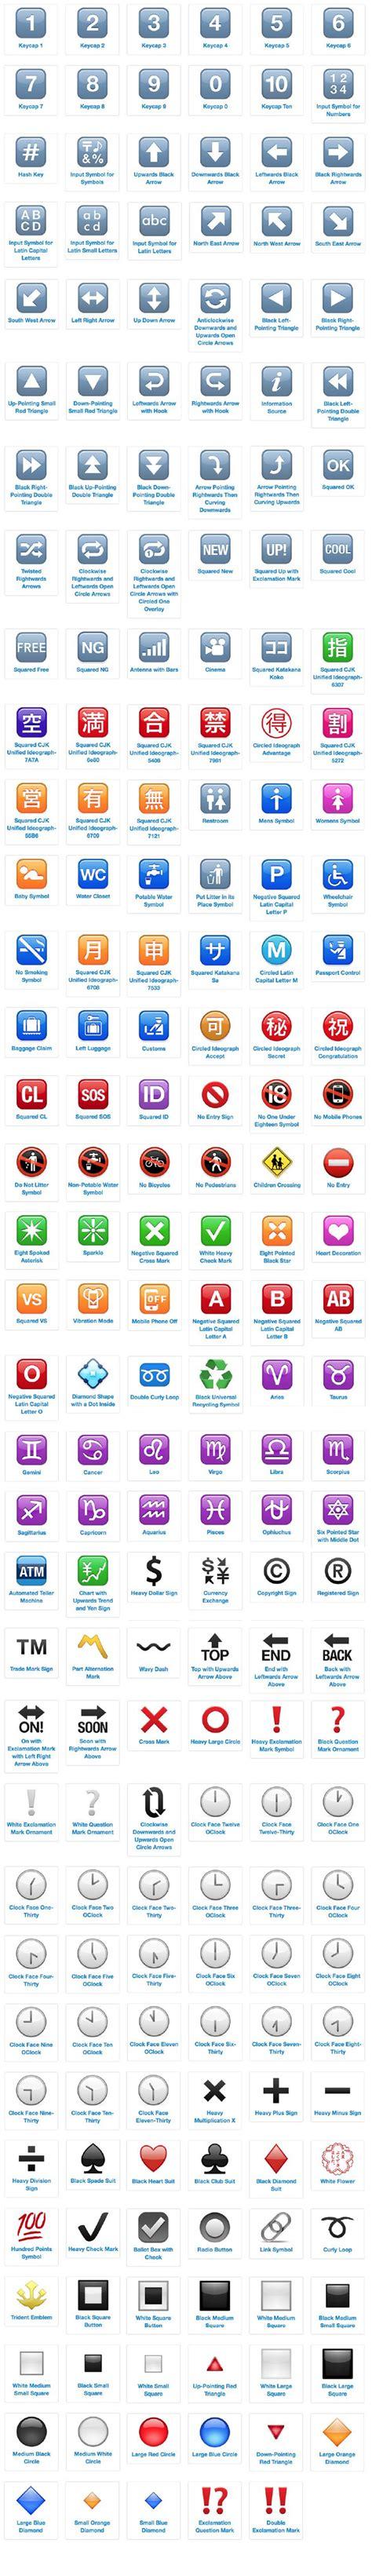 emoji list 13 best emoji explosion images on pinterest smileys the